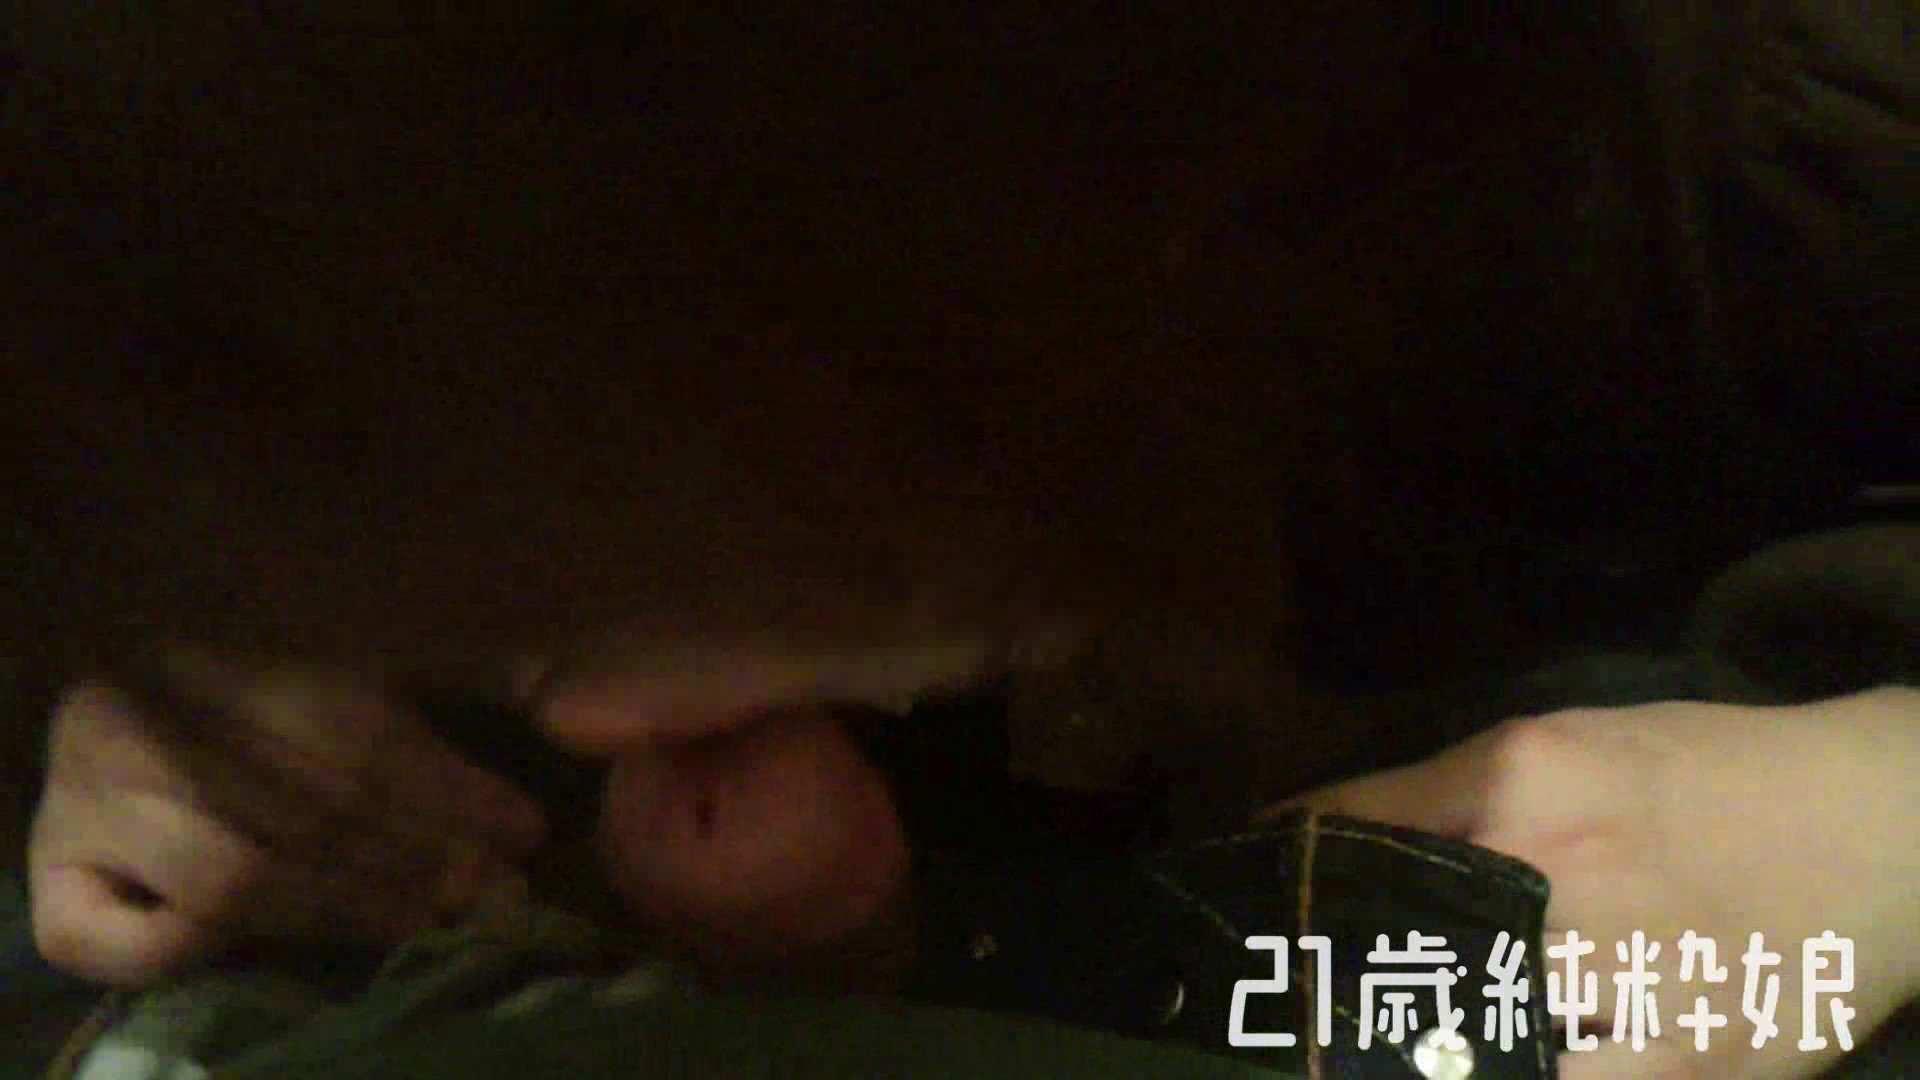 Gカップ21歳純粋嬢第2弾Vol.5 OL | 学校  75連発 44